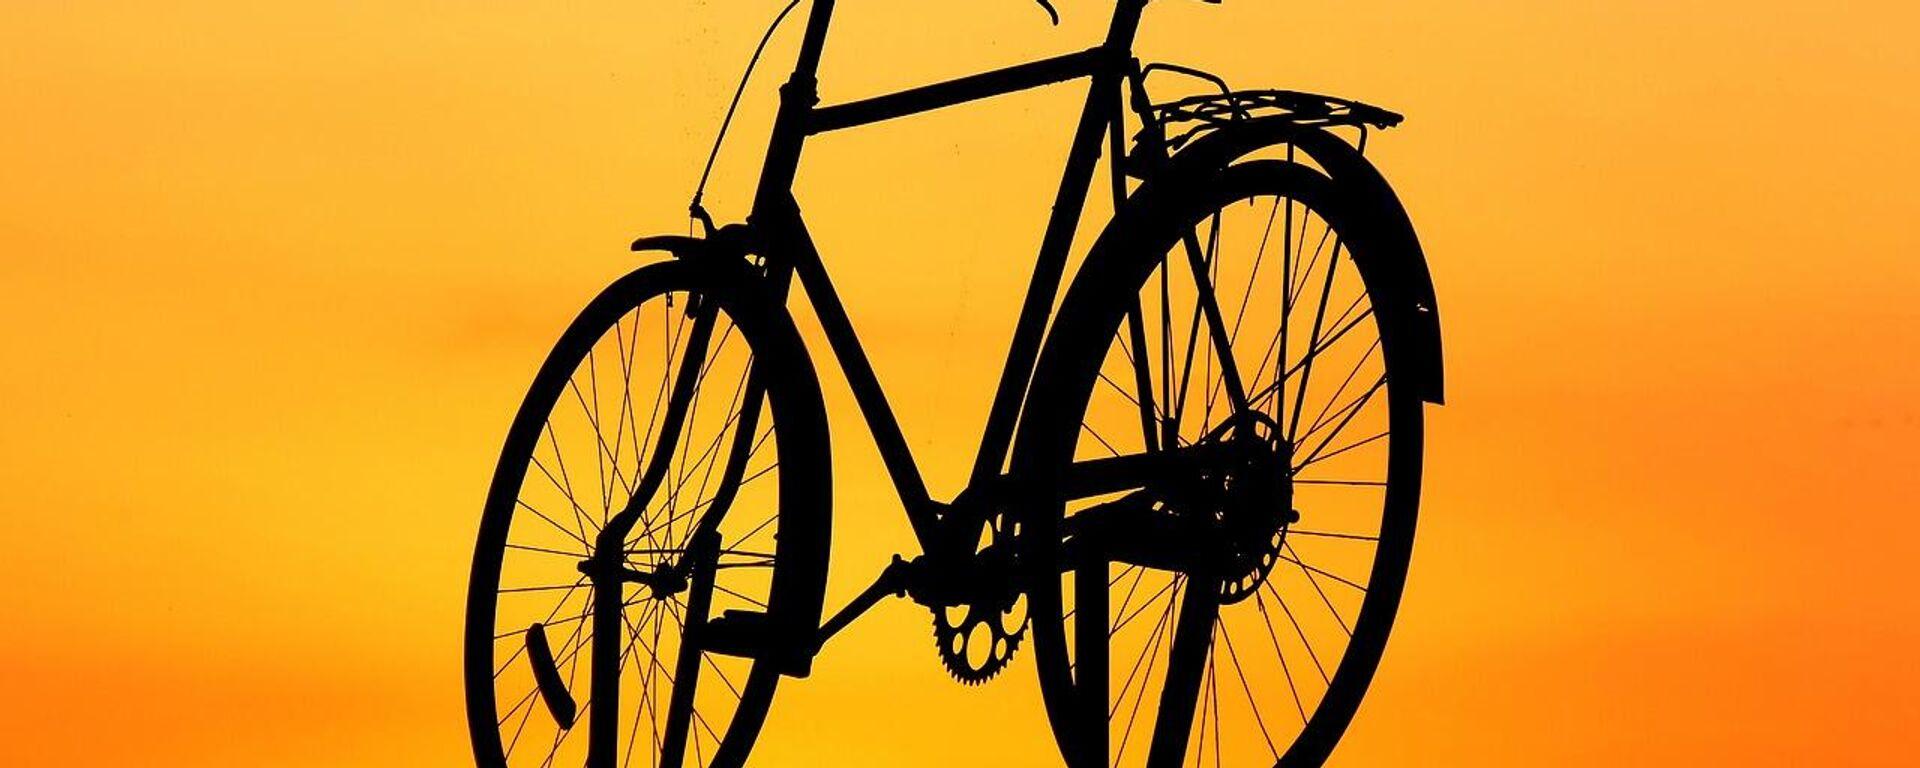 Велосипед  - Sputnik Латвия, 1920, 26.08.2021